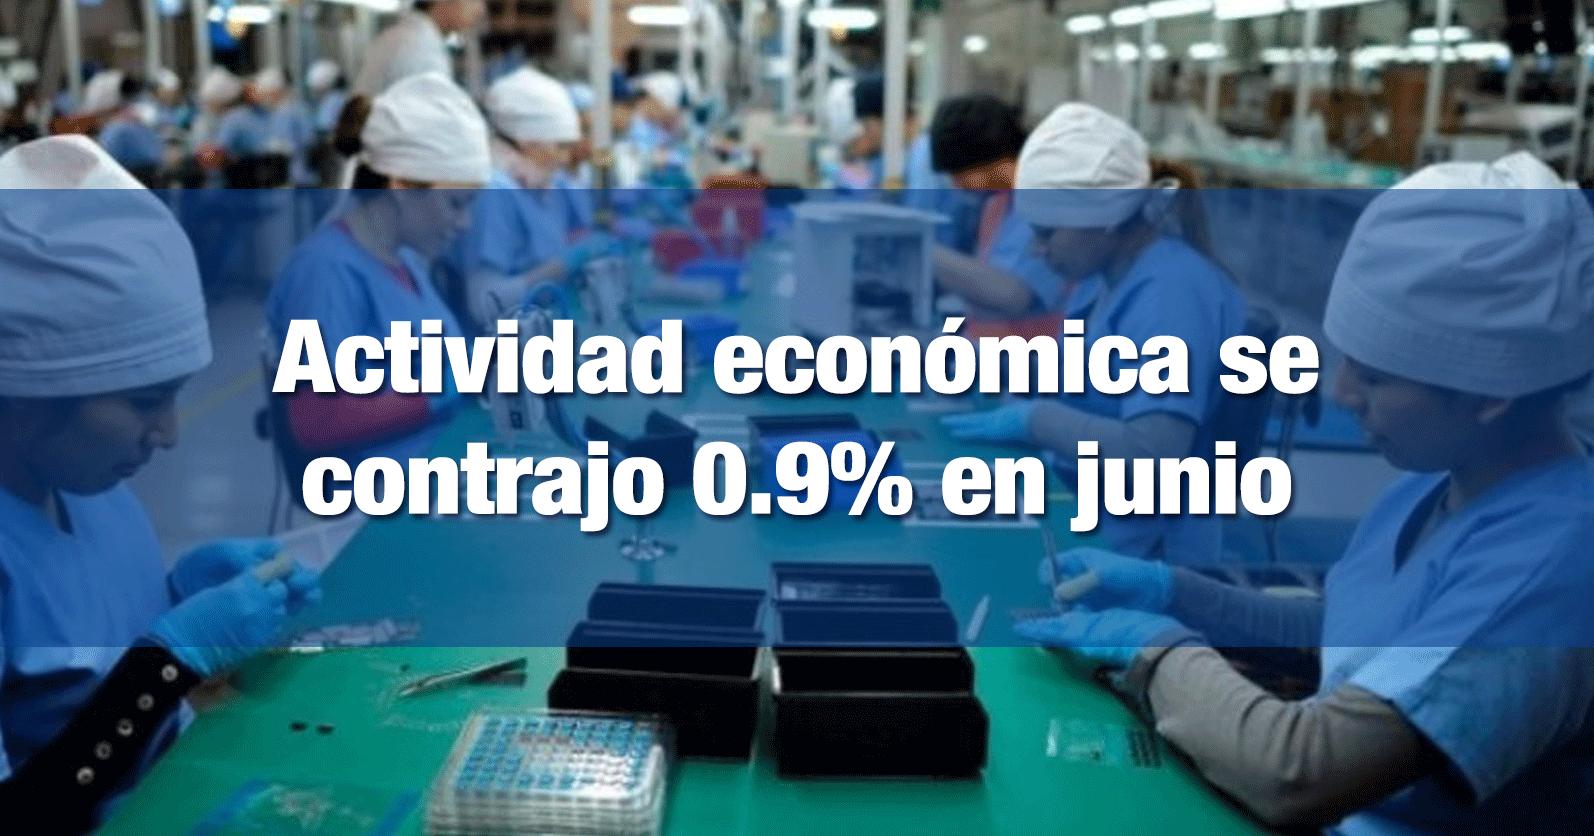 Actividad económica se contrajo 0.9% en junio